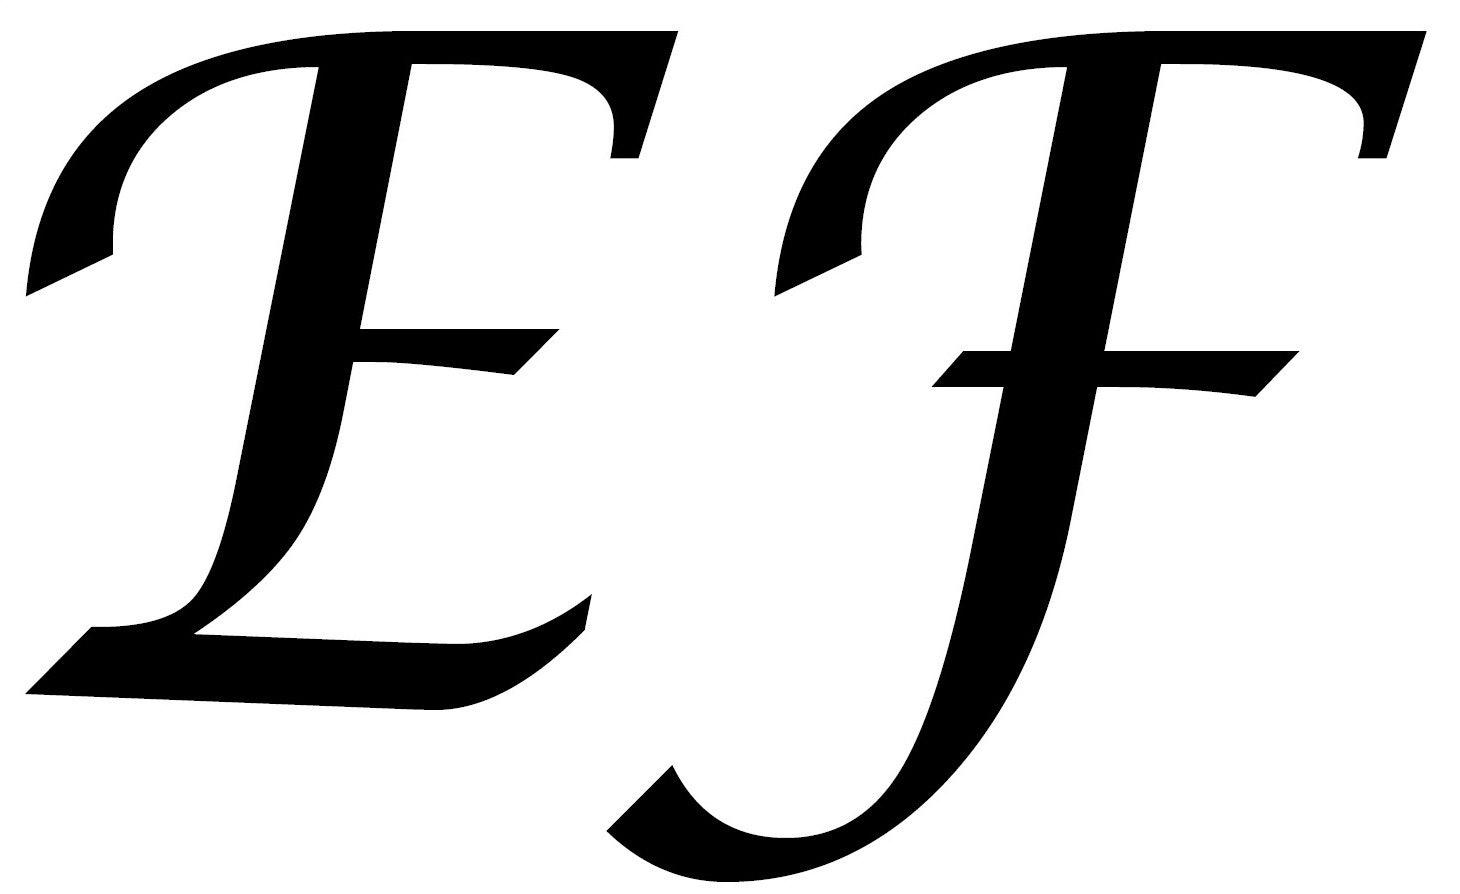 Extra-Fine